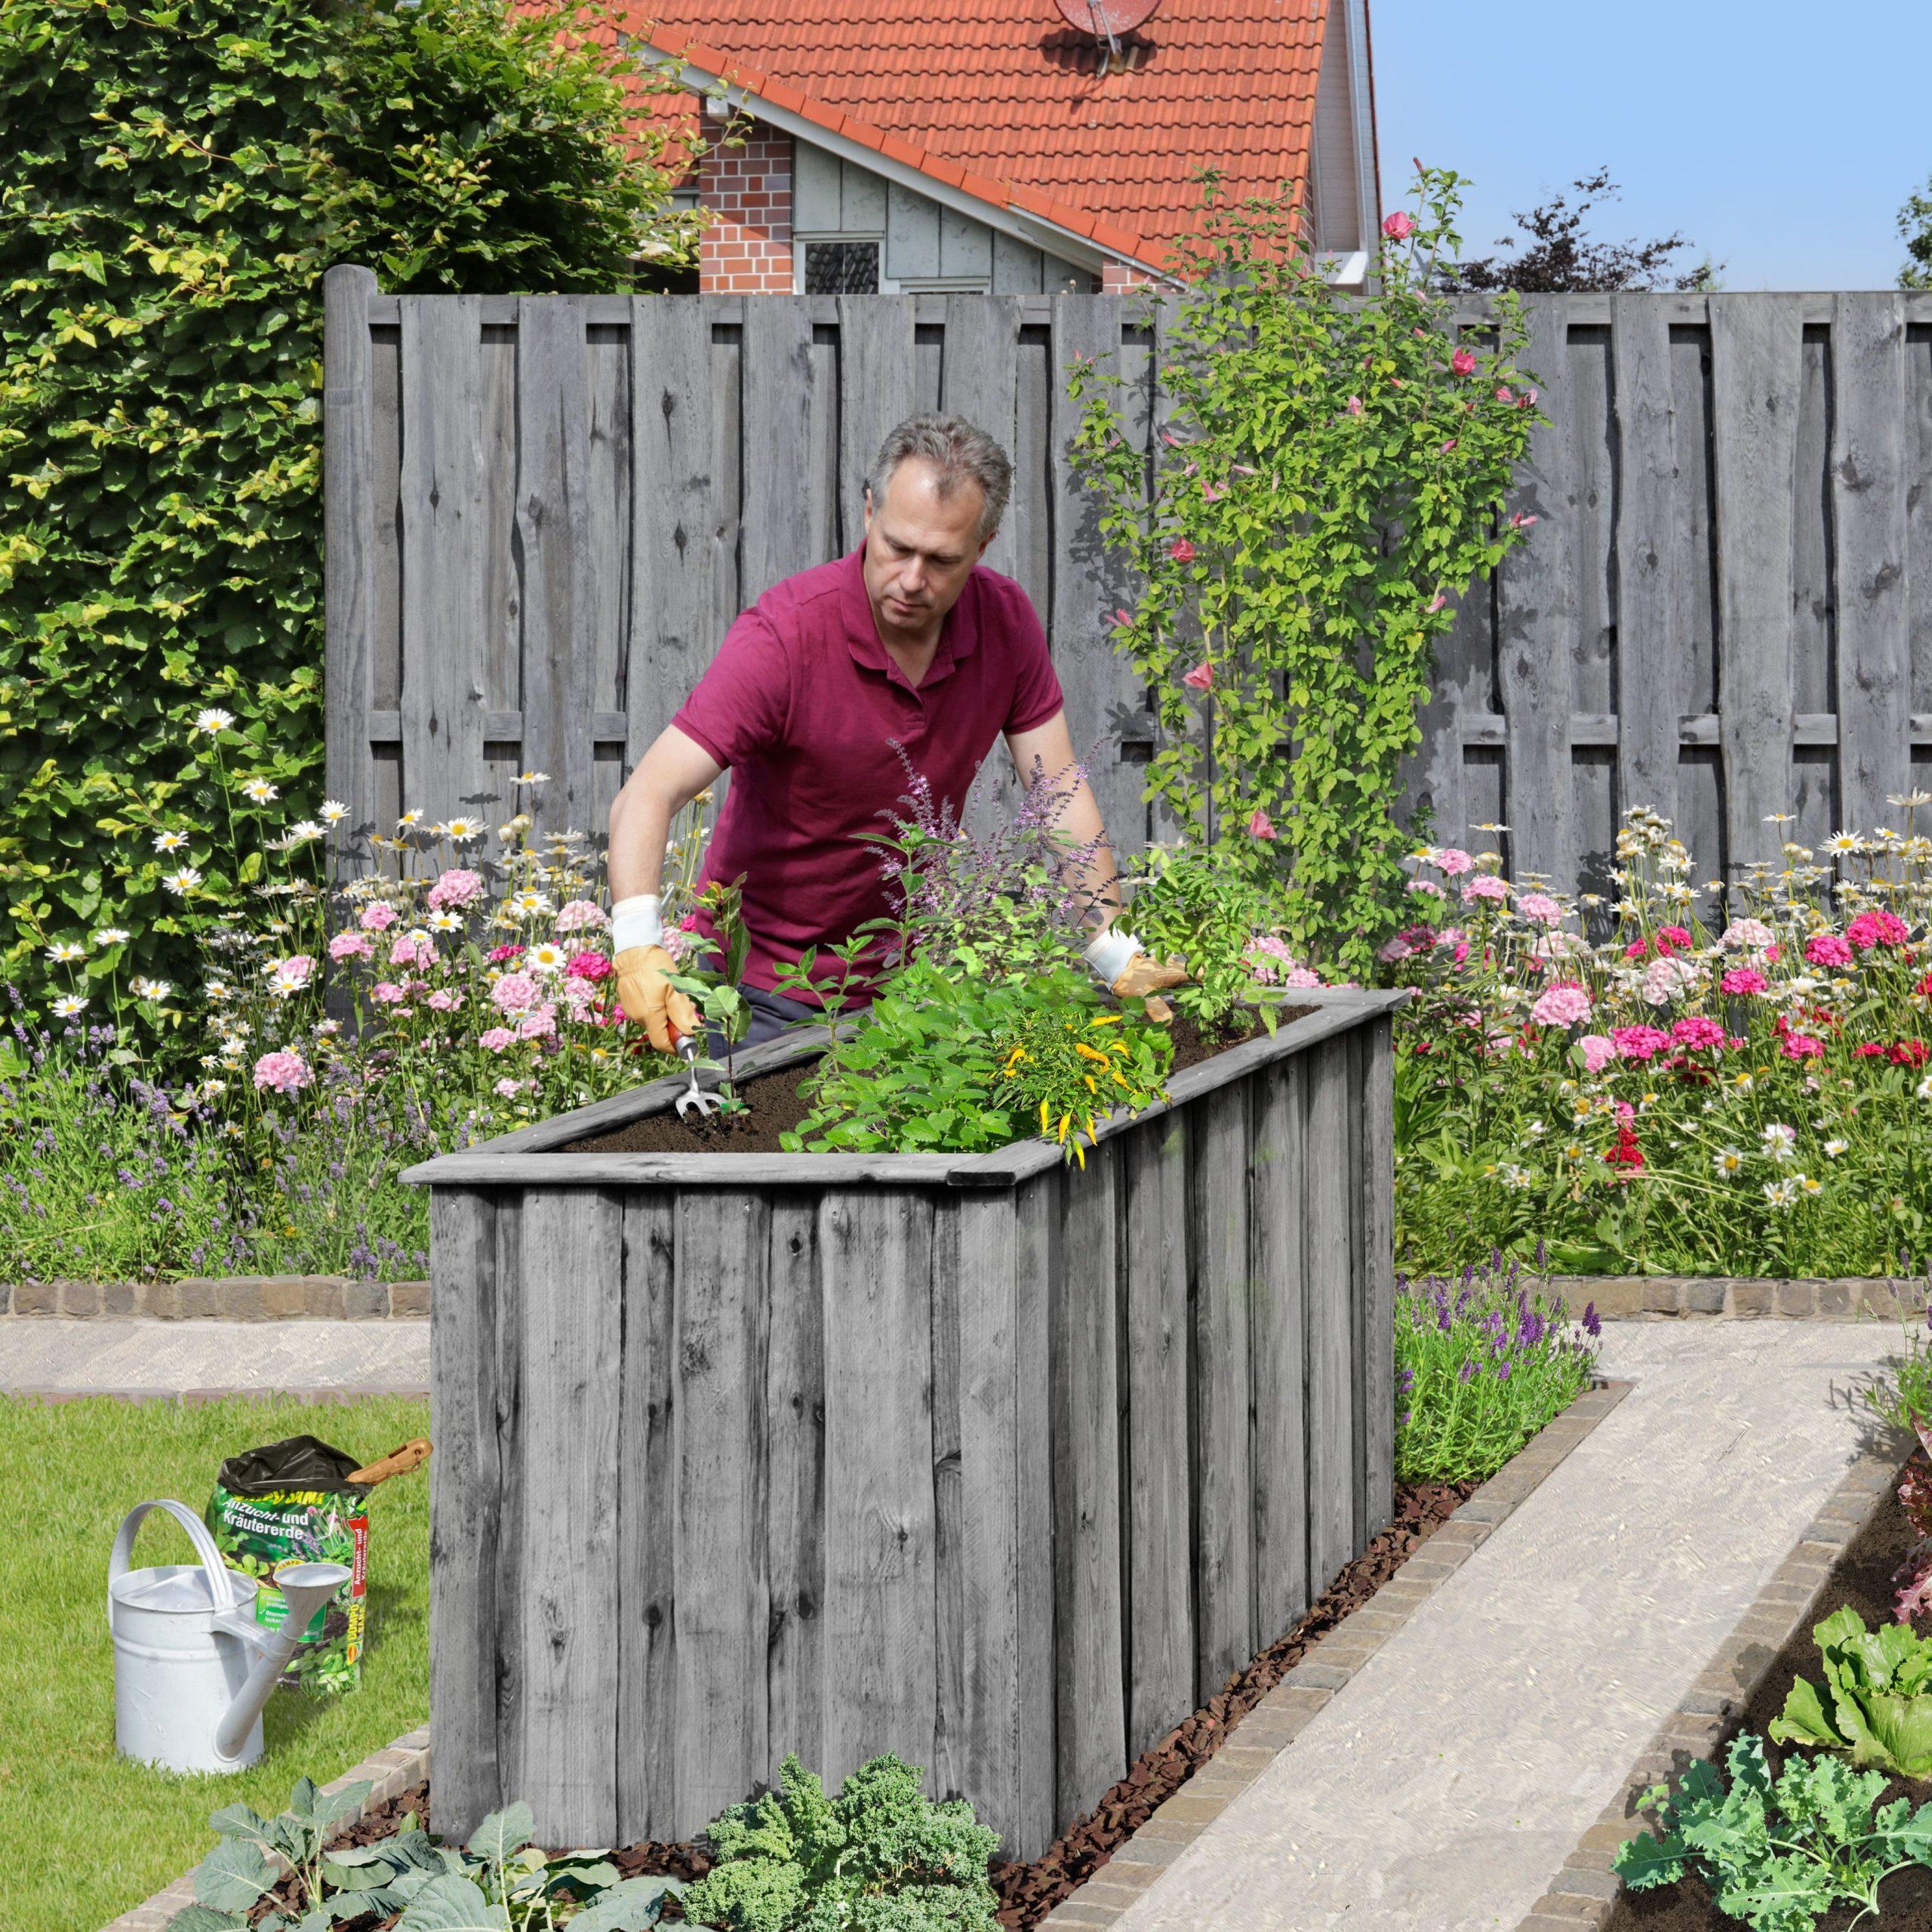 Full Size of Hochbeet Hornbach Selber Bauen Und Anlegen Garten Wohnzimmer Hochbeet Hornbach